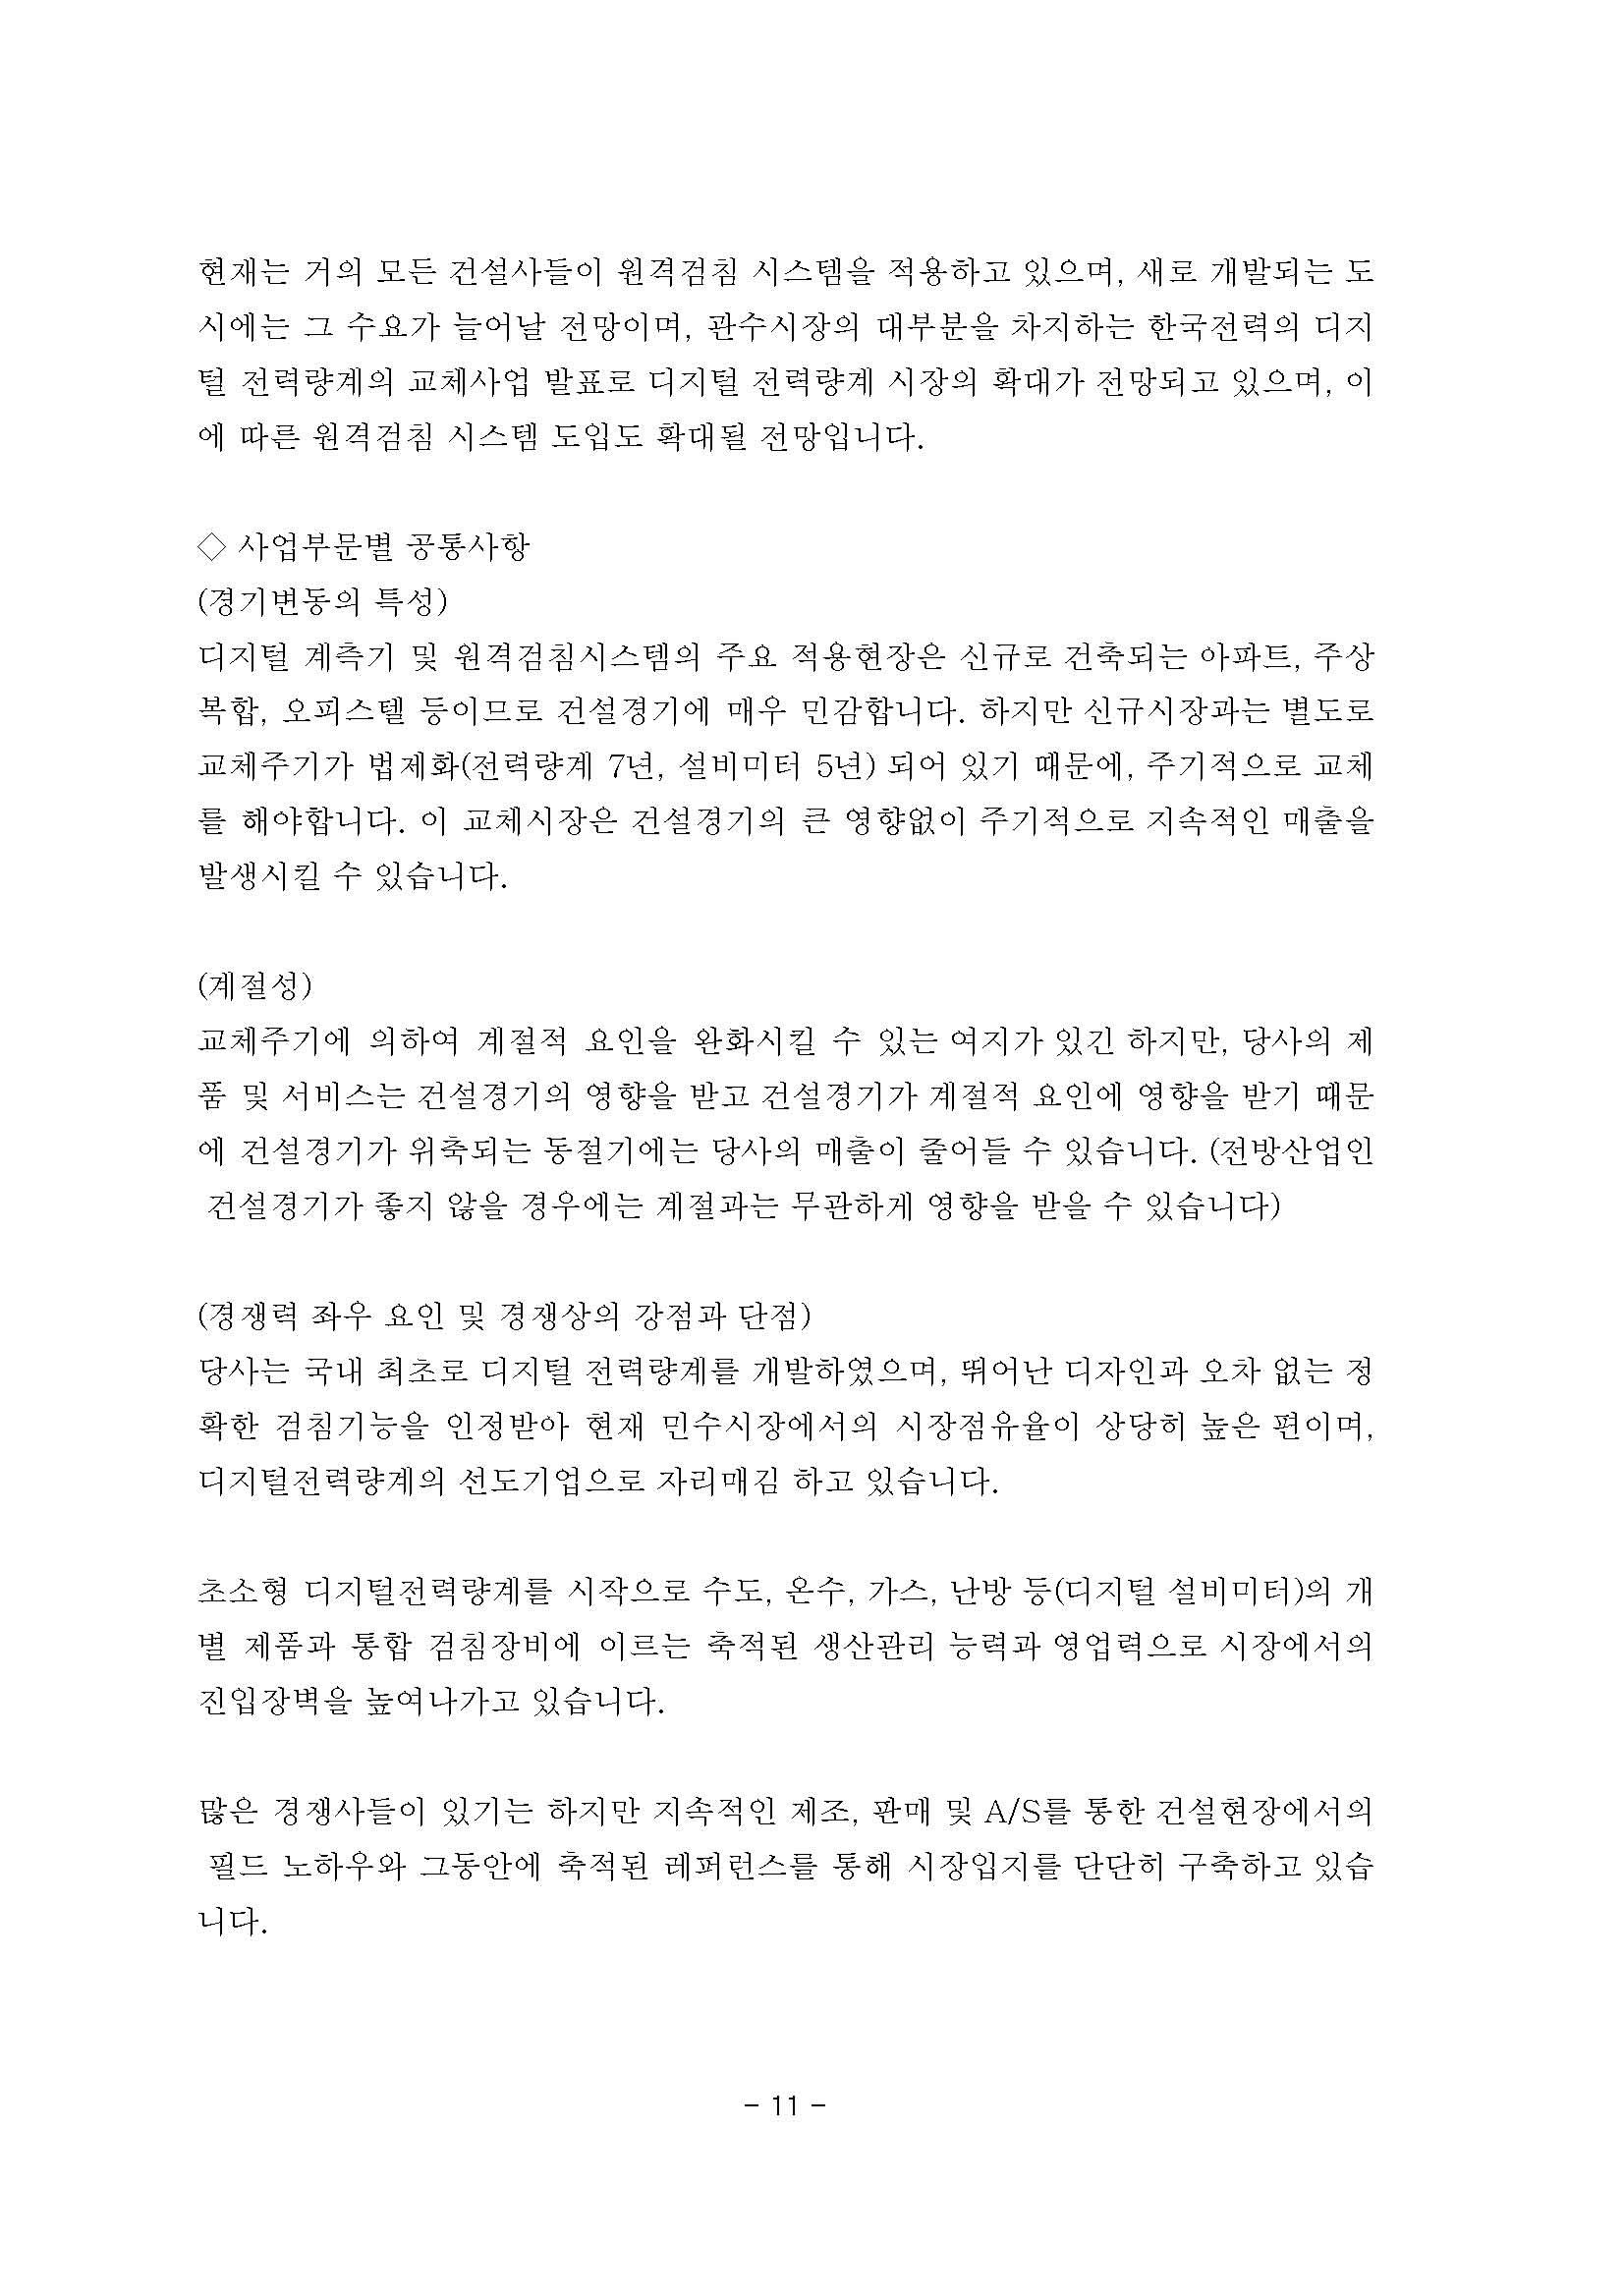 20160311 주주총회 소집공고-옴니시스템_페이지_12.jpg